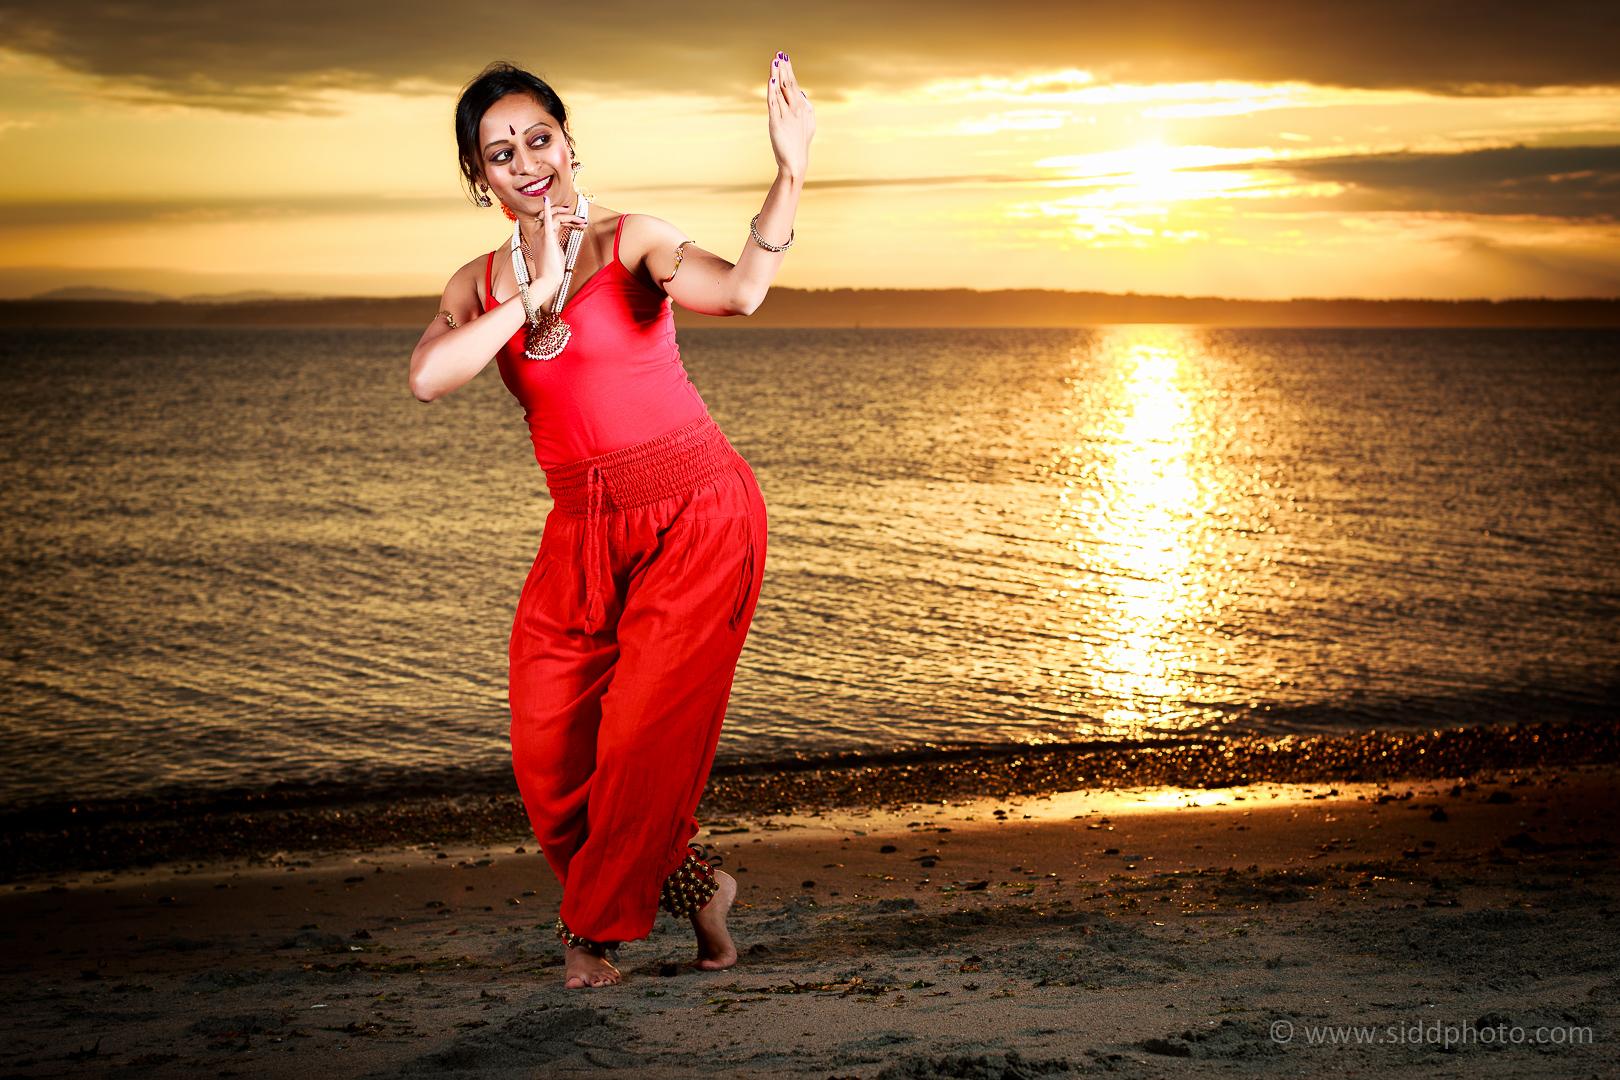 2012-09-24 - Shanthi's Photoshoot - _O5C0558-01